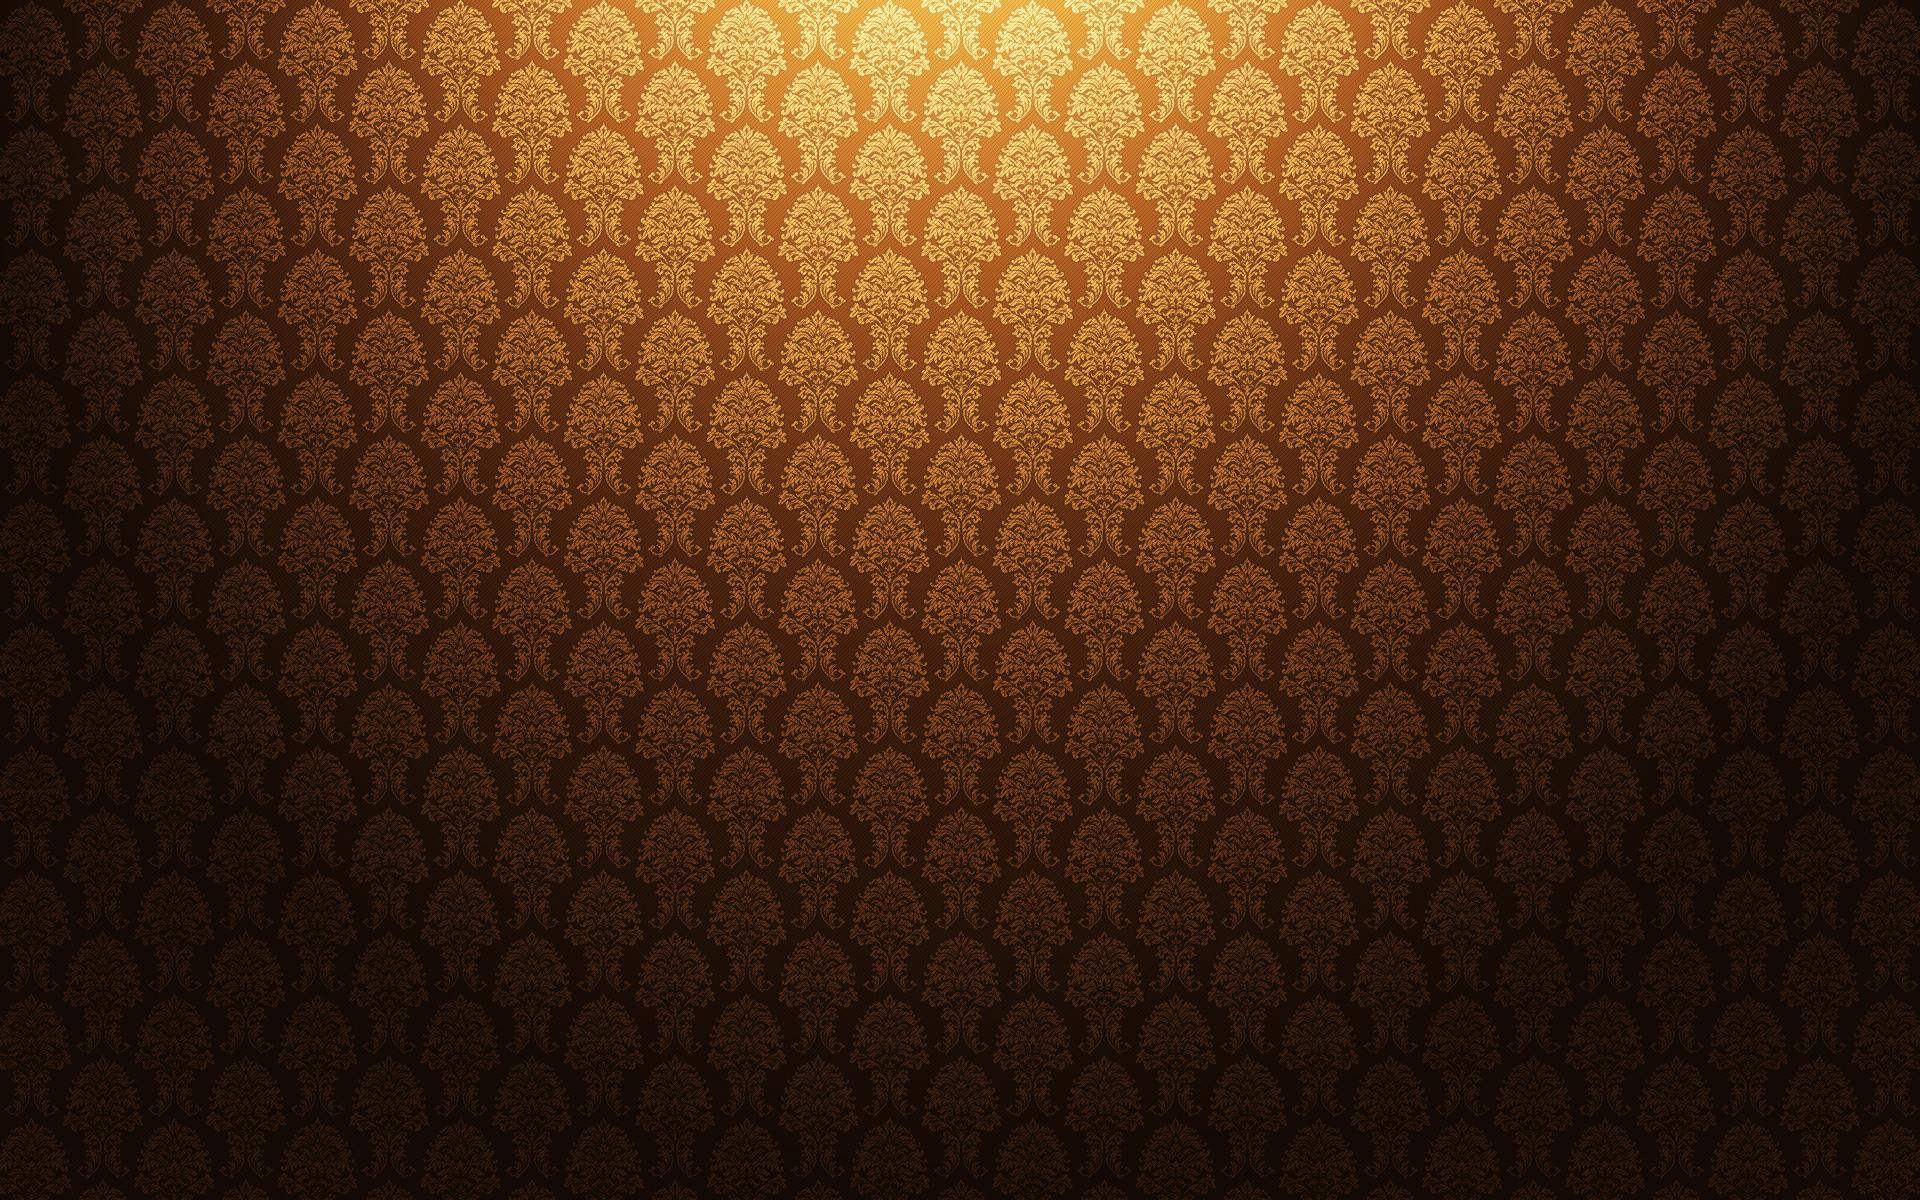 Vintage Wallpaper Light Hd Desktop Wallpapers 4k Hd